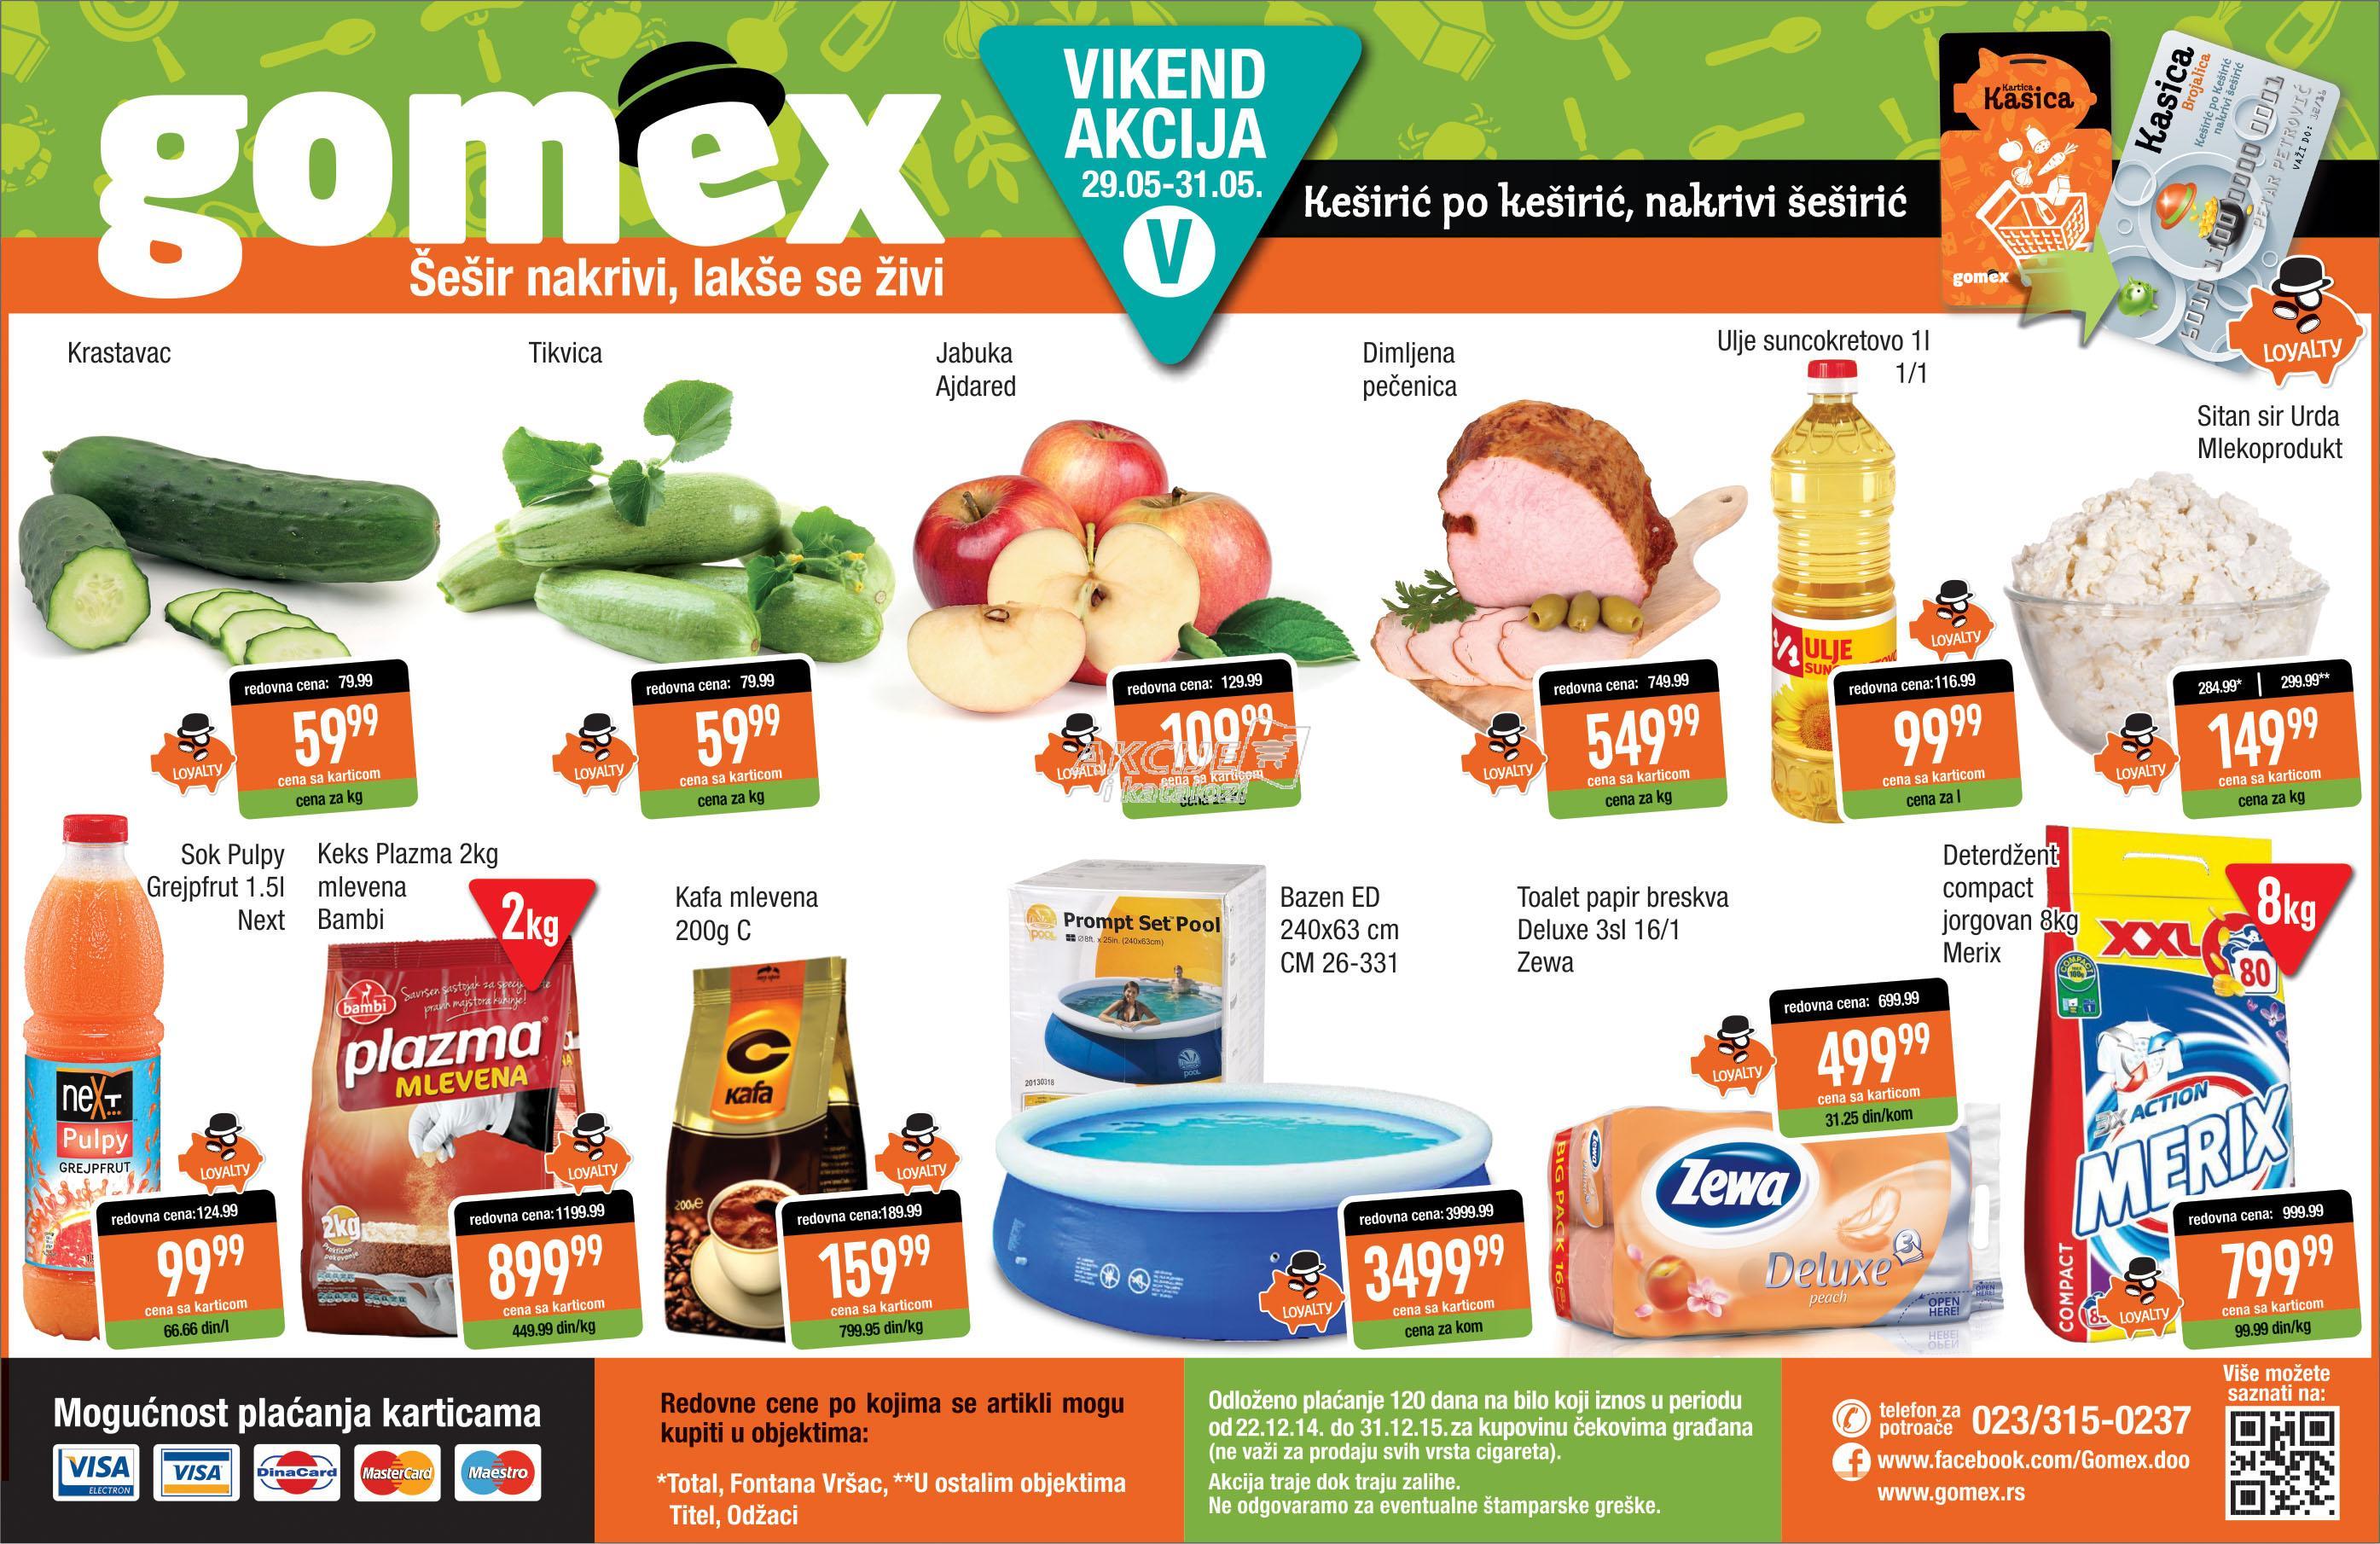 Gomex akcija vikend super kupovine